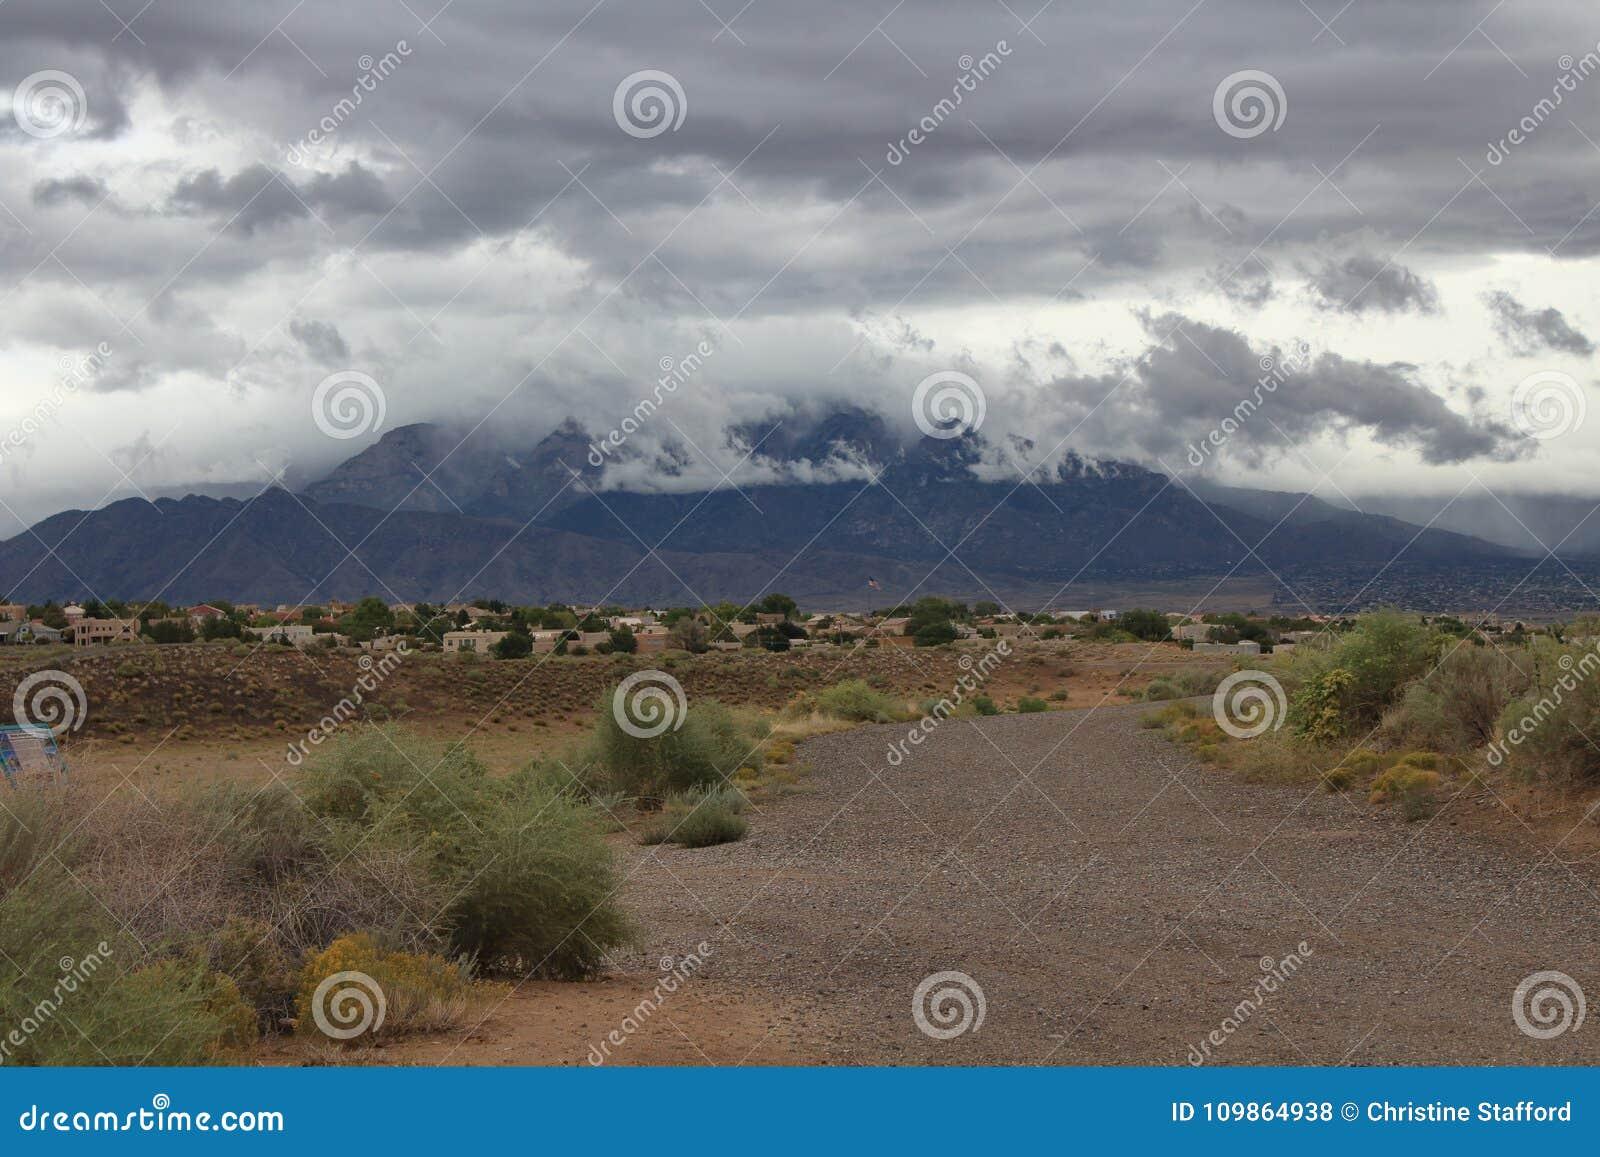 Σειρά βουνών sandia Νέων Μεξικό που βλέπει από το μαύρο φράγμα Αλμπικέρκη aroyo μια βροχερή θυελλώδη ημέρα